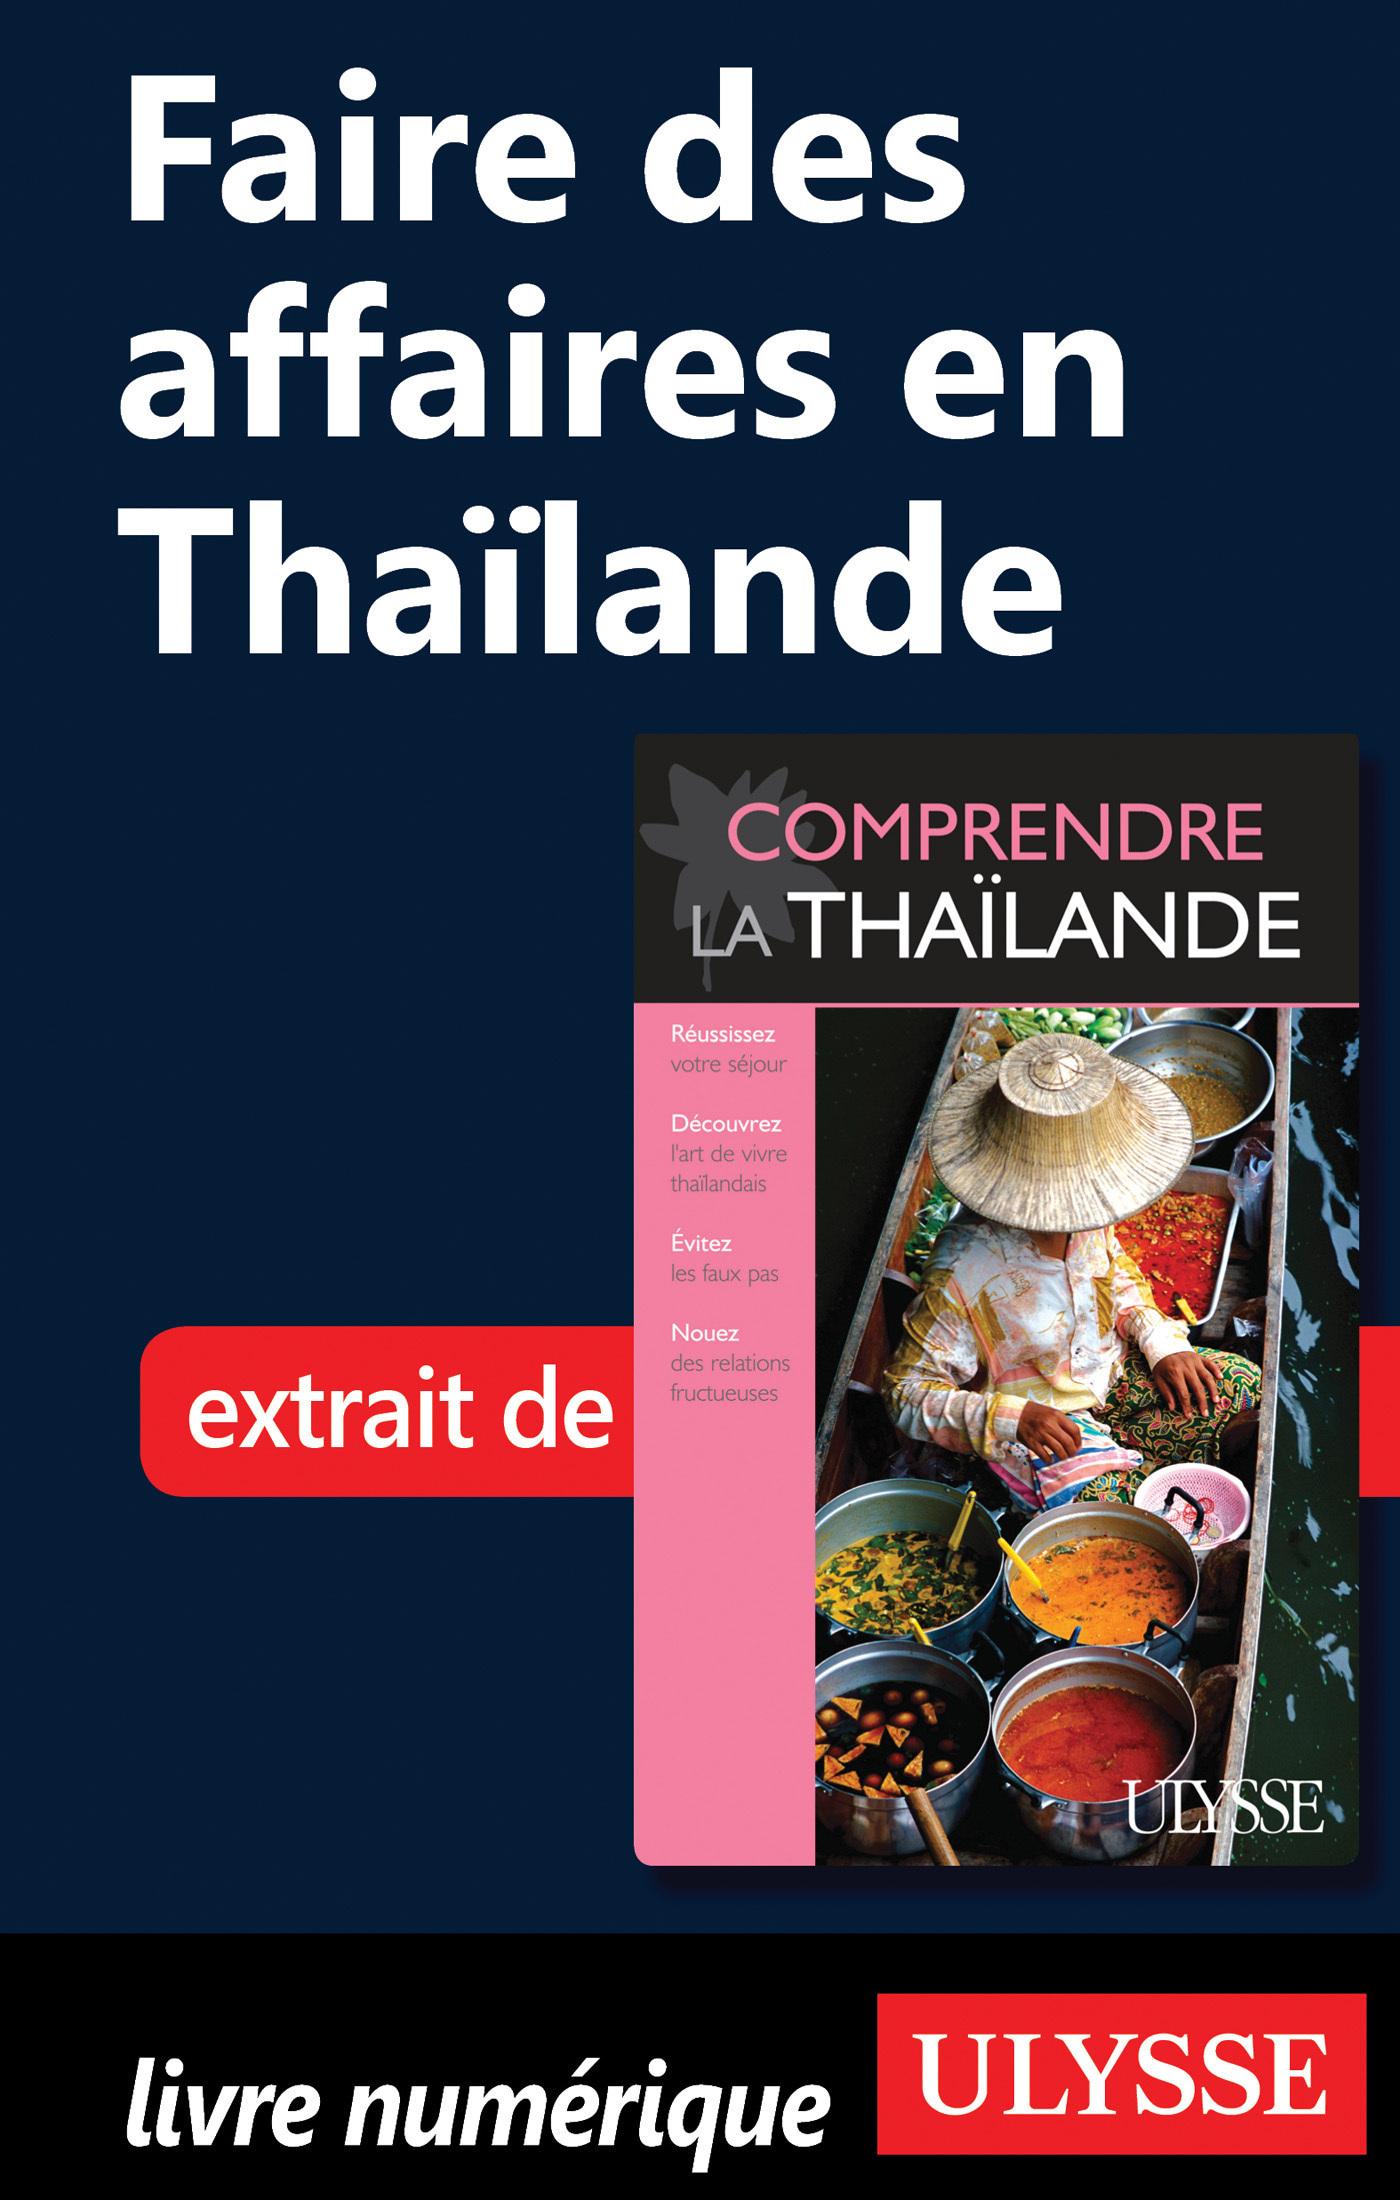 Faire des affaires en Thaïlande